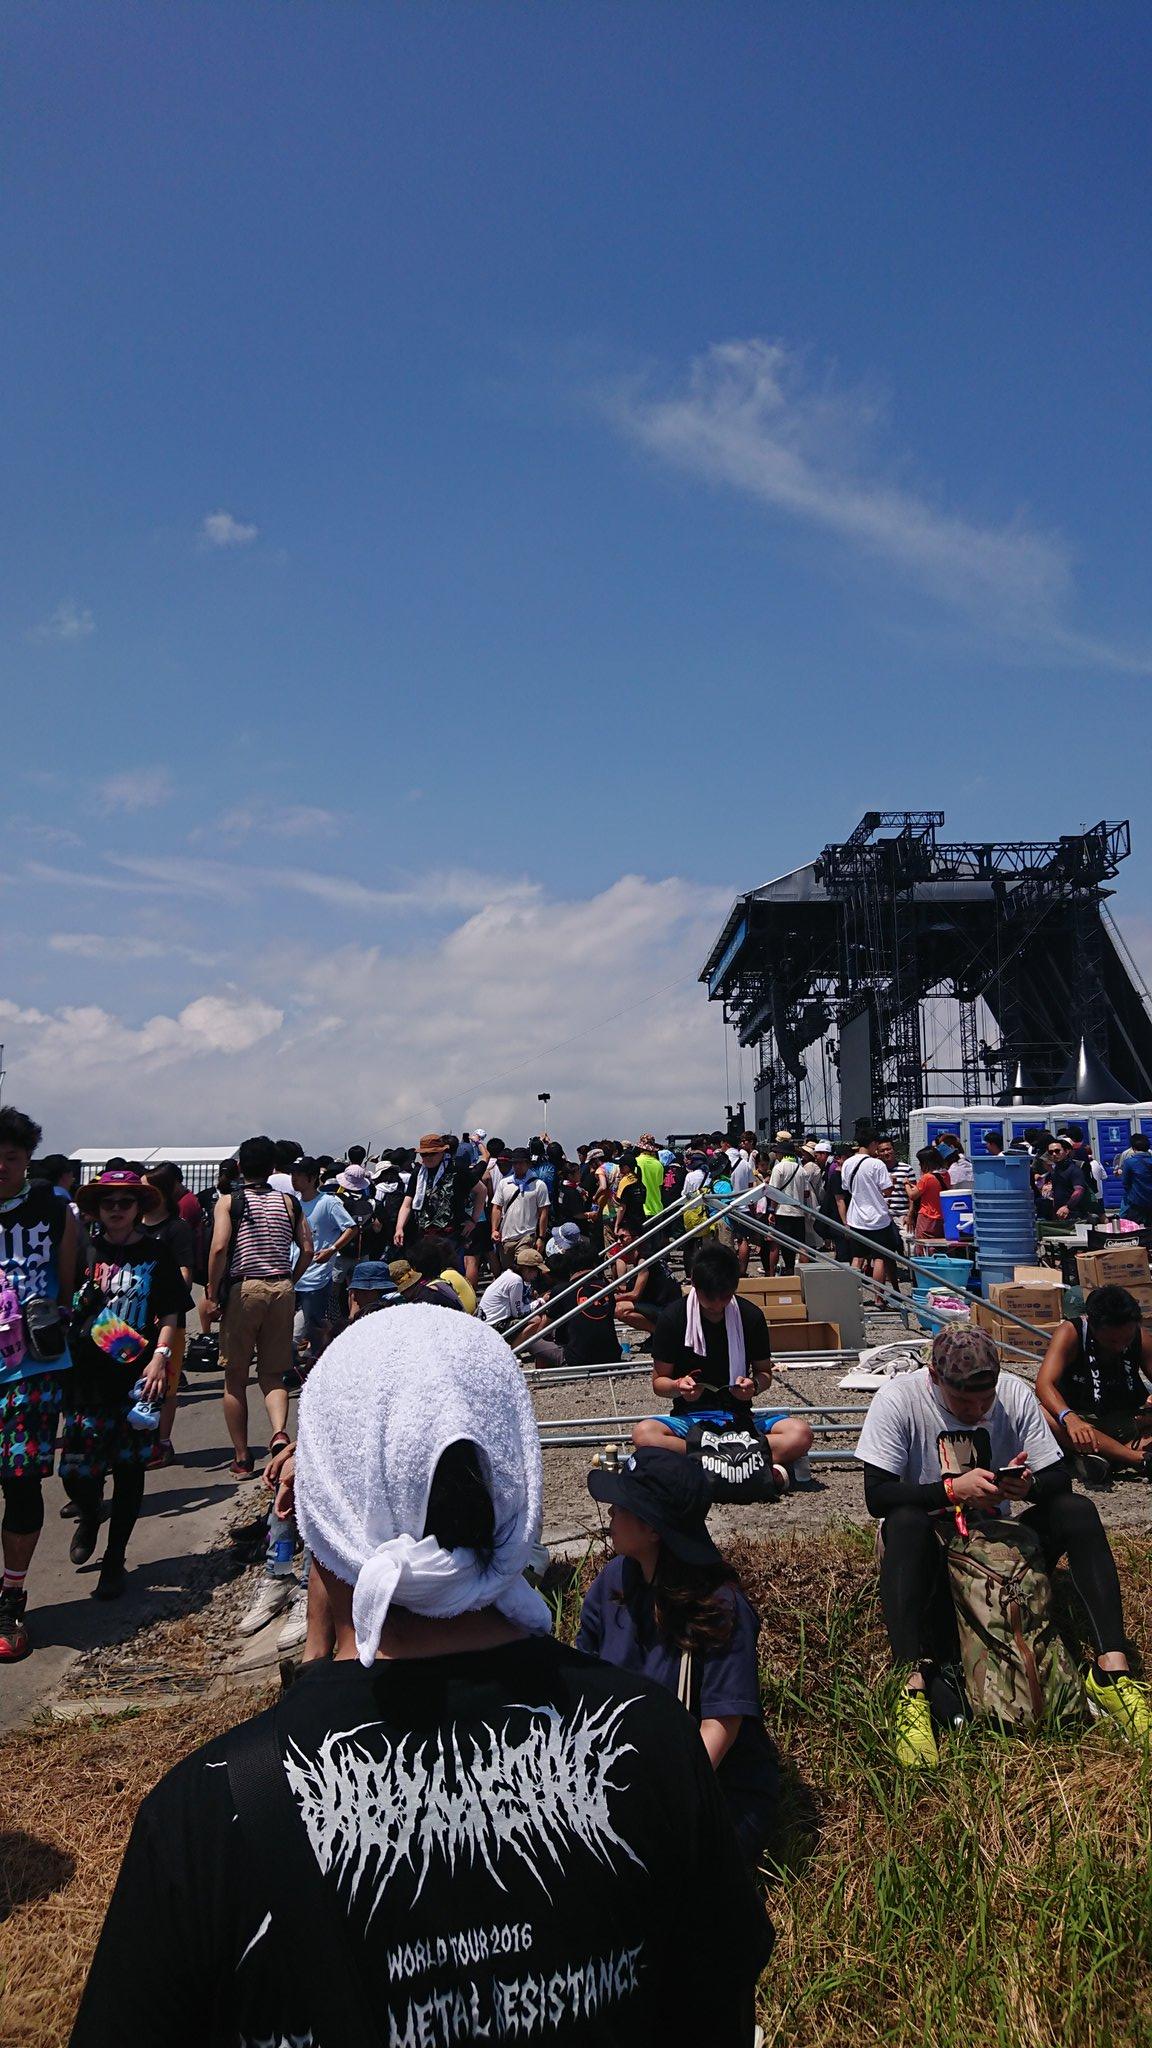 サマソニ大阪の会場で来場者が待機している現場ん画像